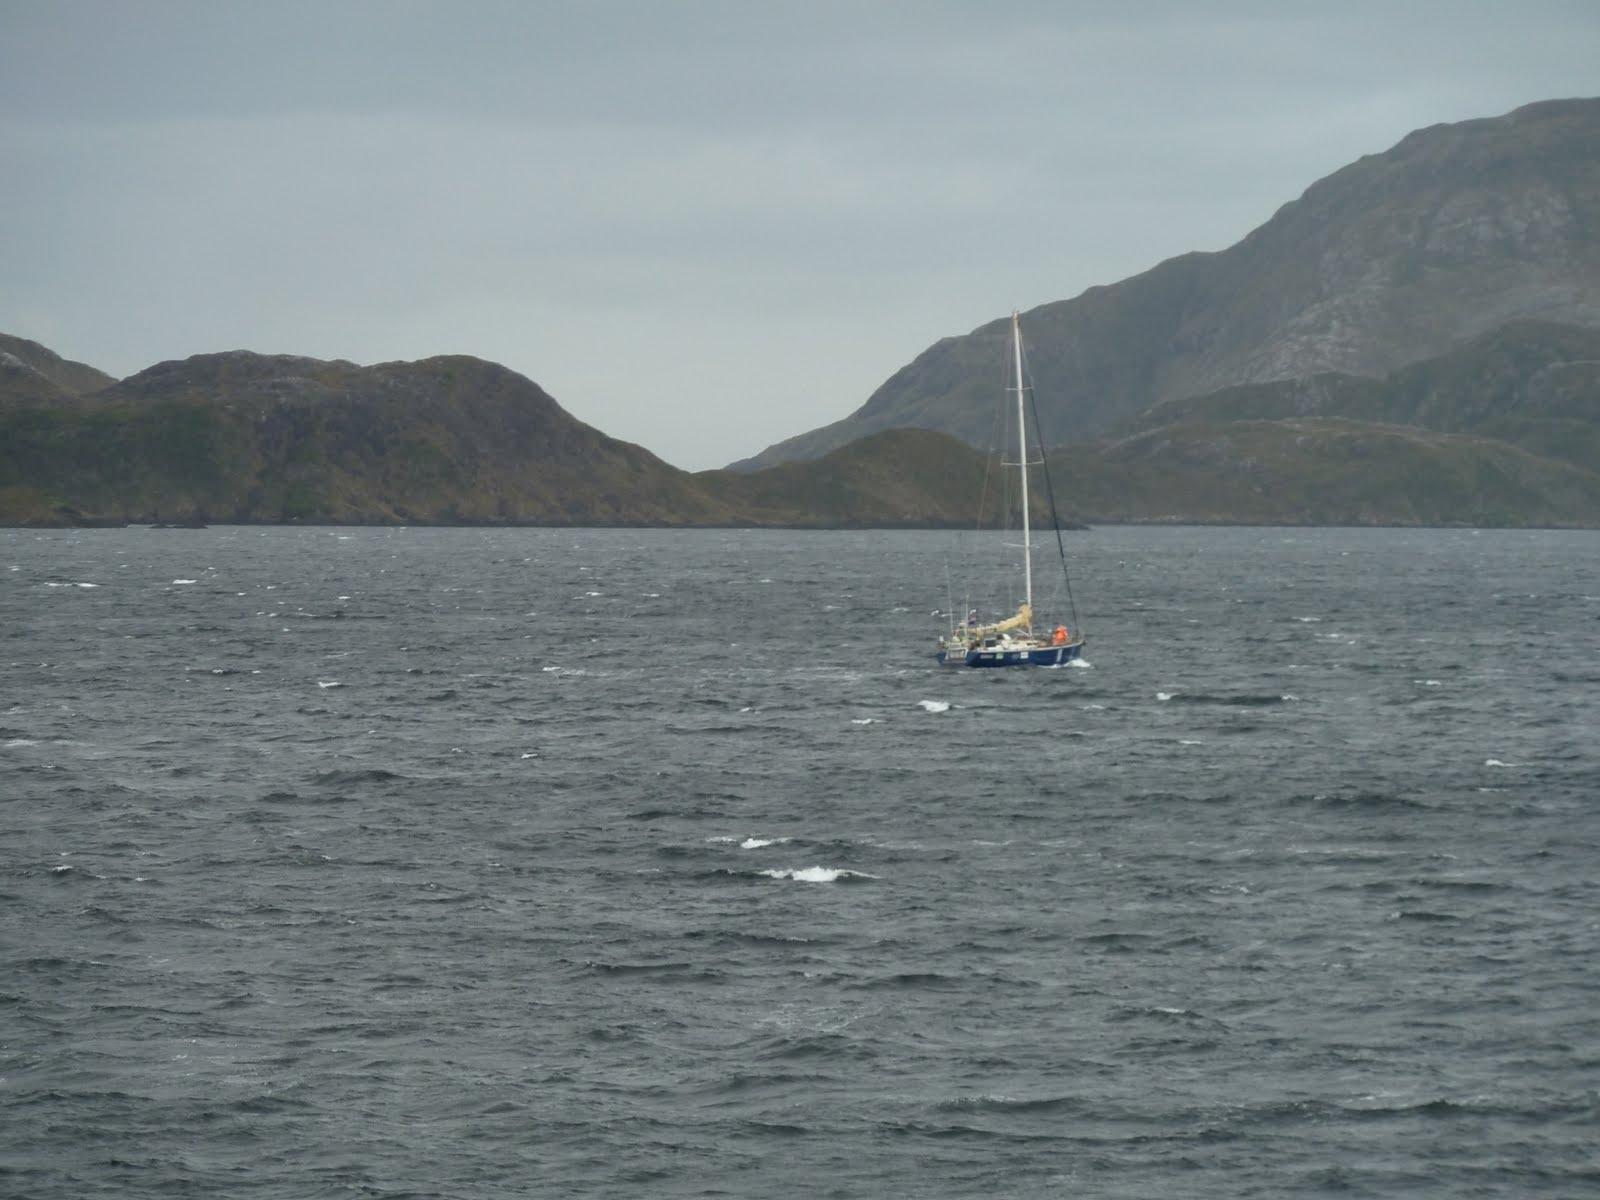 Les Gauchet En Vadrouille Patagonie: Détroit De à Matelot Navigue Sur Les Flots